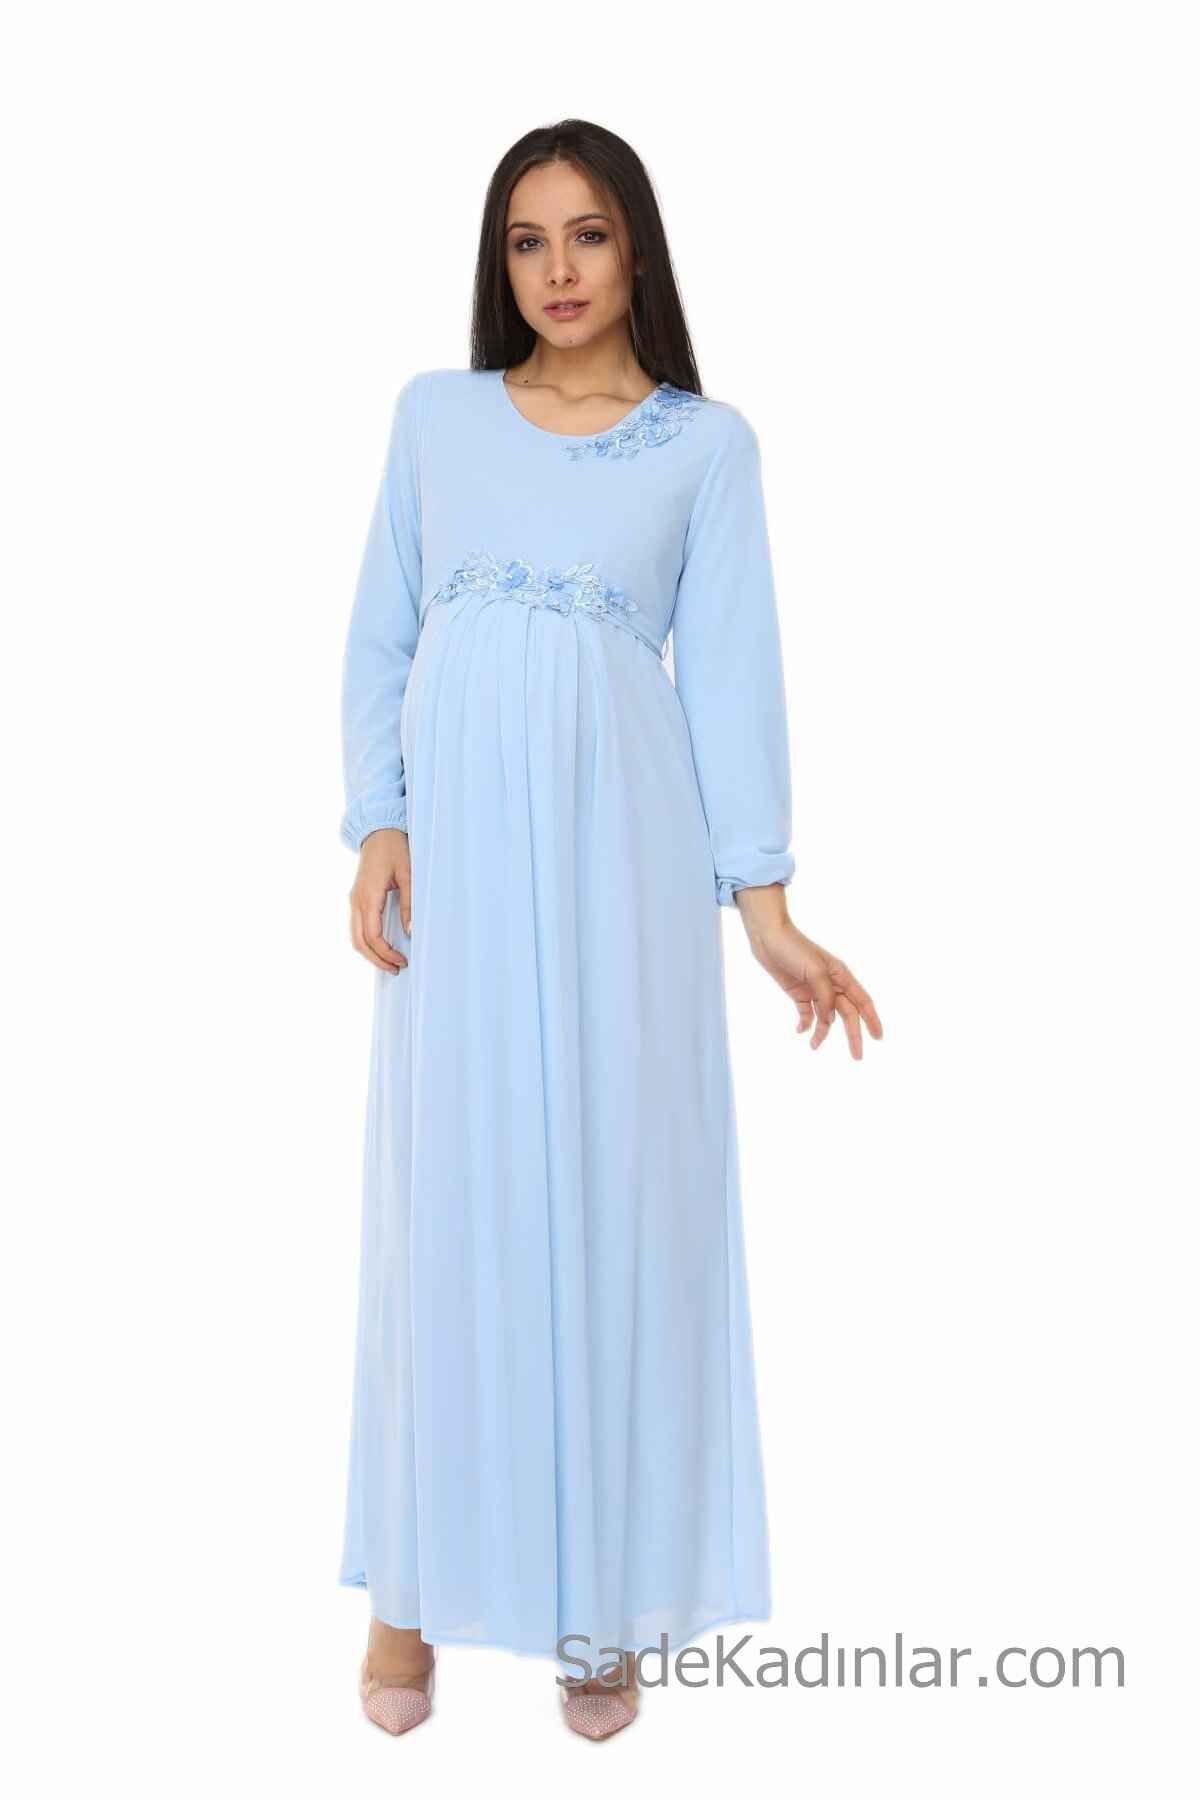 Hamile Abiye Modelleri Bebek Mavisi Uzun Dantel Detayli Uzun Kollu The Dress Bebek Mavisi Uzun Kollu